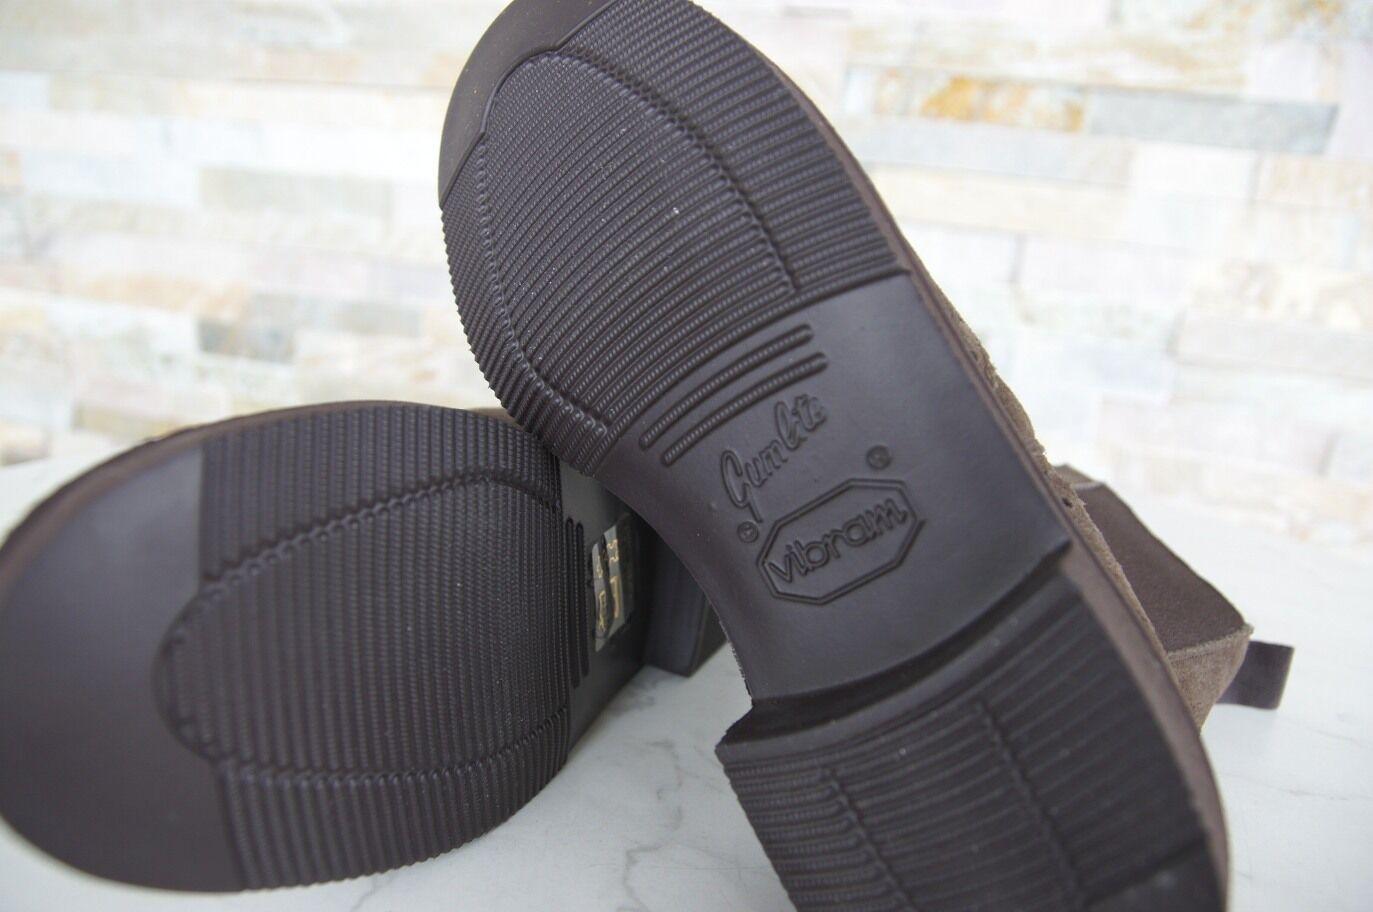 Tricker's bottines Boots T 3,5 36,5 Chelsea Boots bottines Chaussures Flint Marron Nouveau Prix RecomFemmedé 7cce68